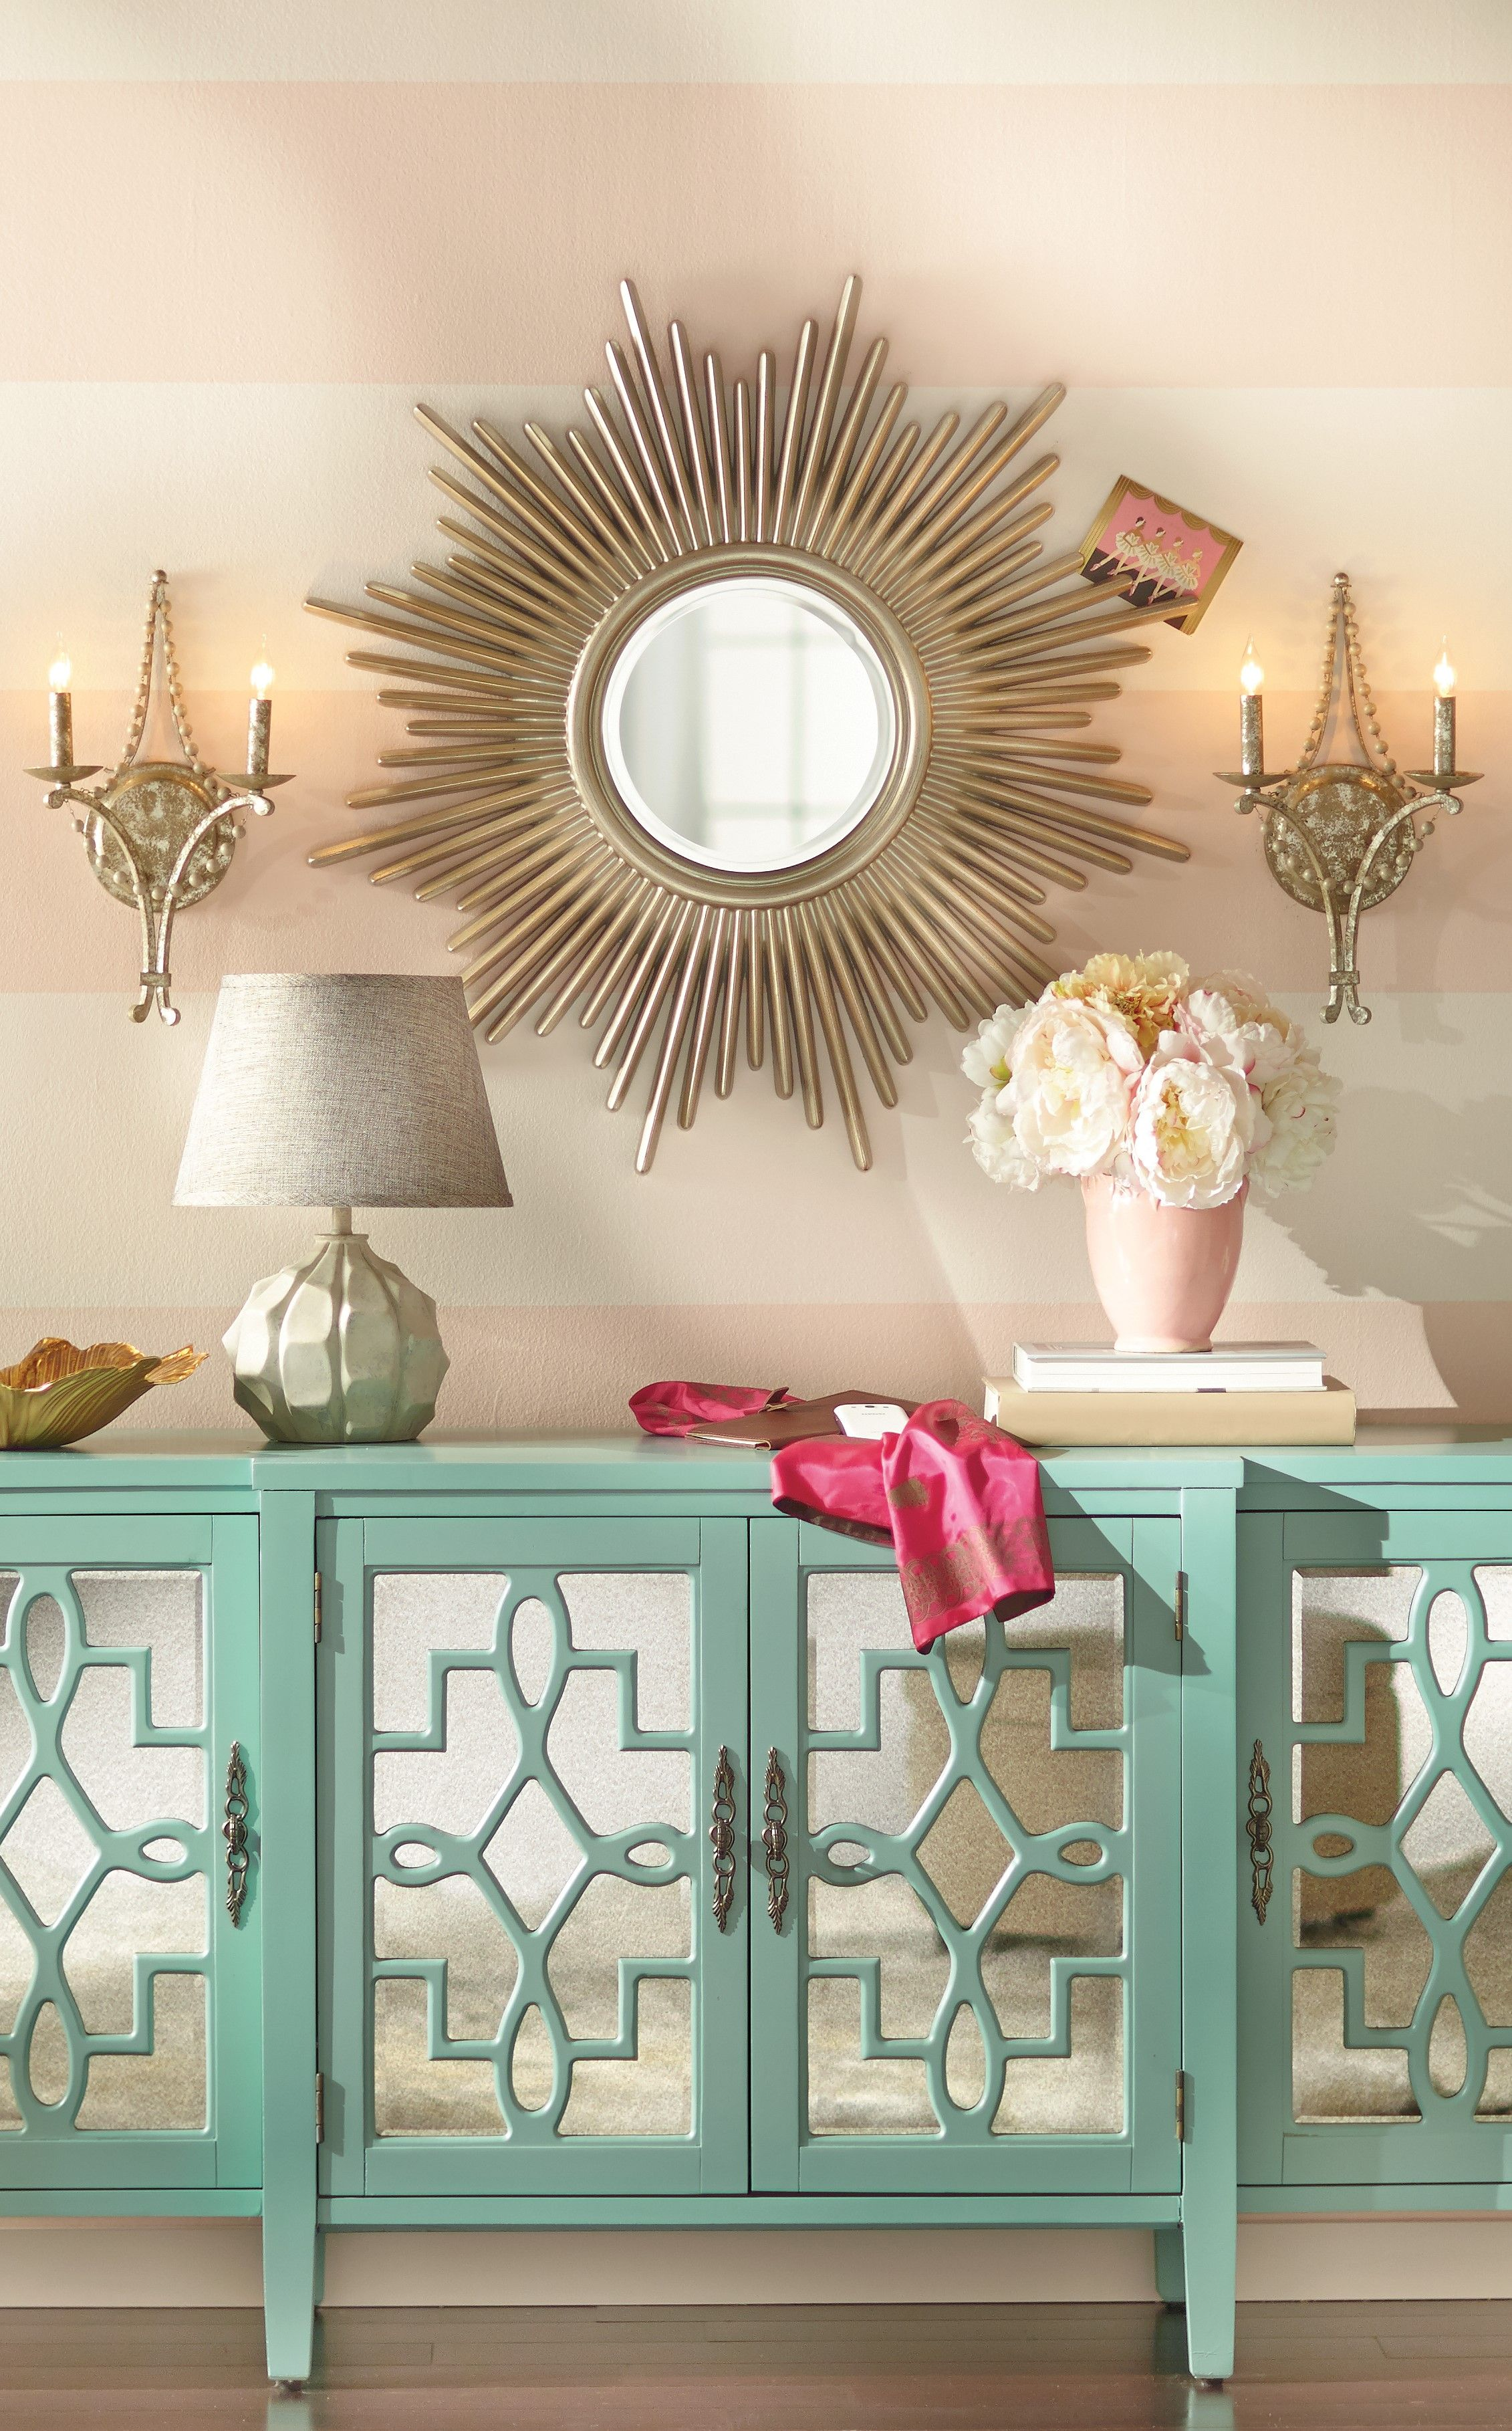 Wandspiegel Hardy | Wandspiegel, Konsolentisch und Vasen